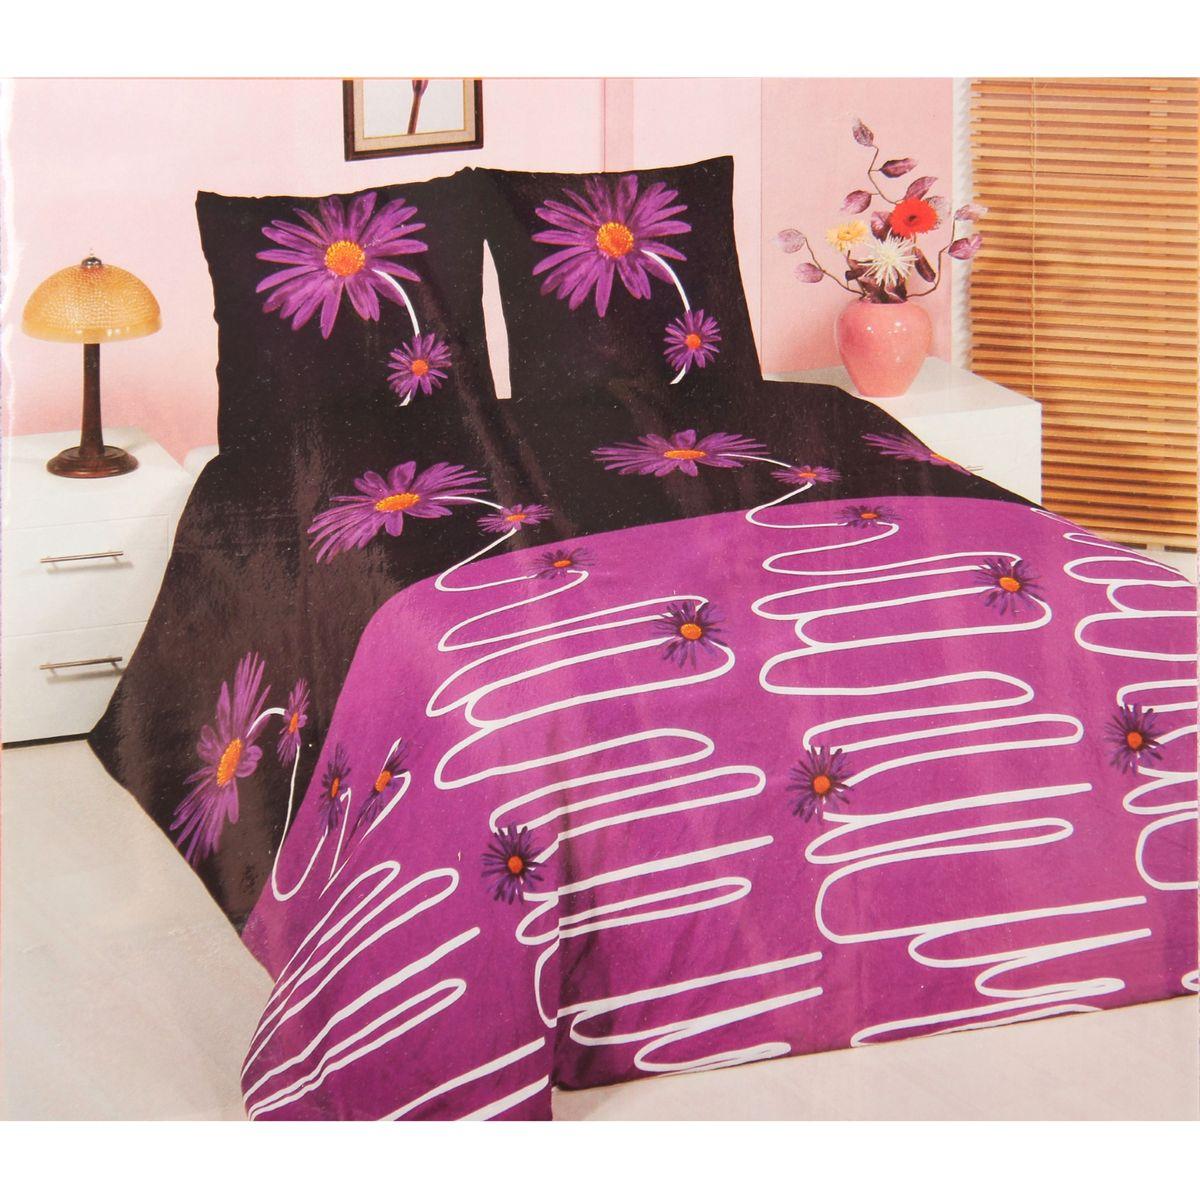 Комплект белья ANTALYA, 1,5-спальный, наволочки 70x70. 824697824697произведено из высококачественного турецкого хлопка, простынка на резинке, пододеяльник и наволочки на замке